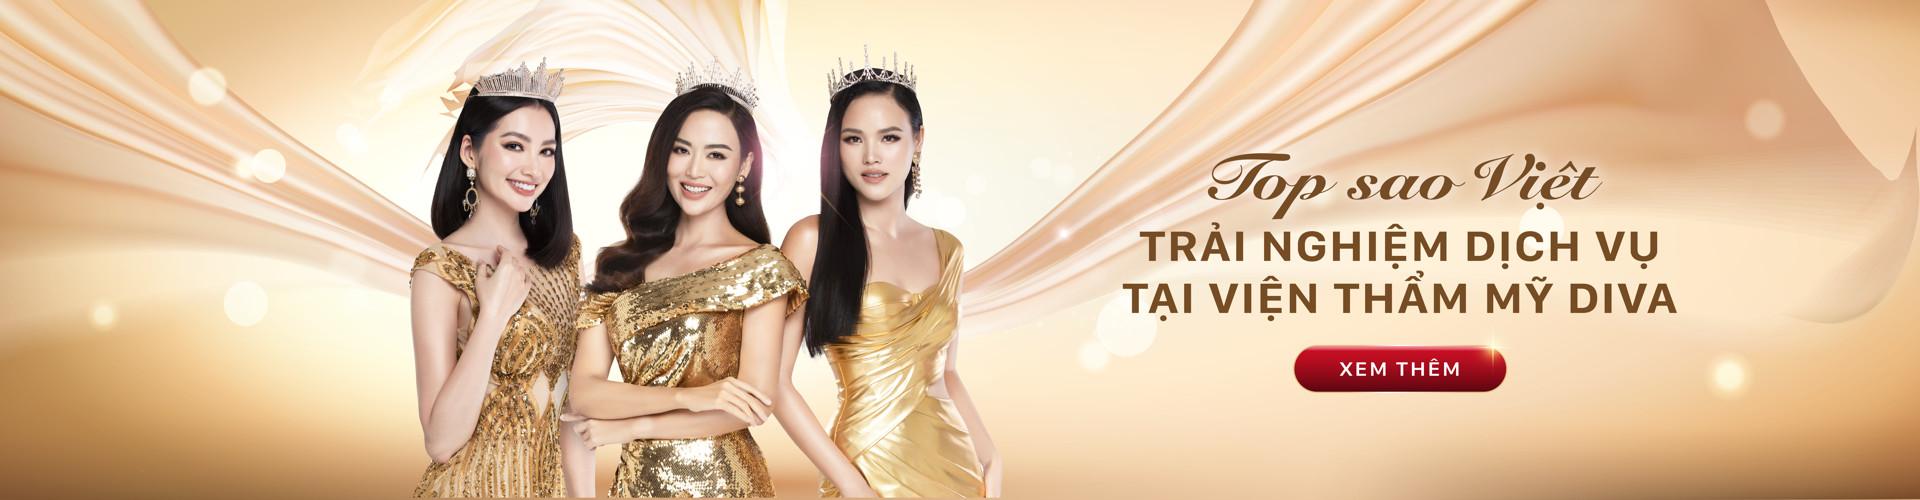 Top Sao Việt Trải Nghiệm Dịch Vụ Tại DIVA-01